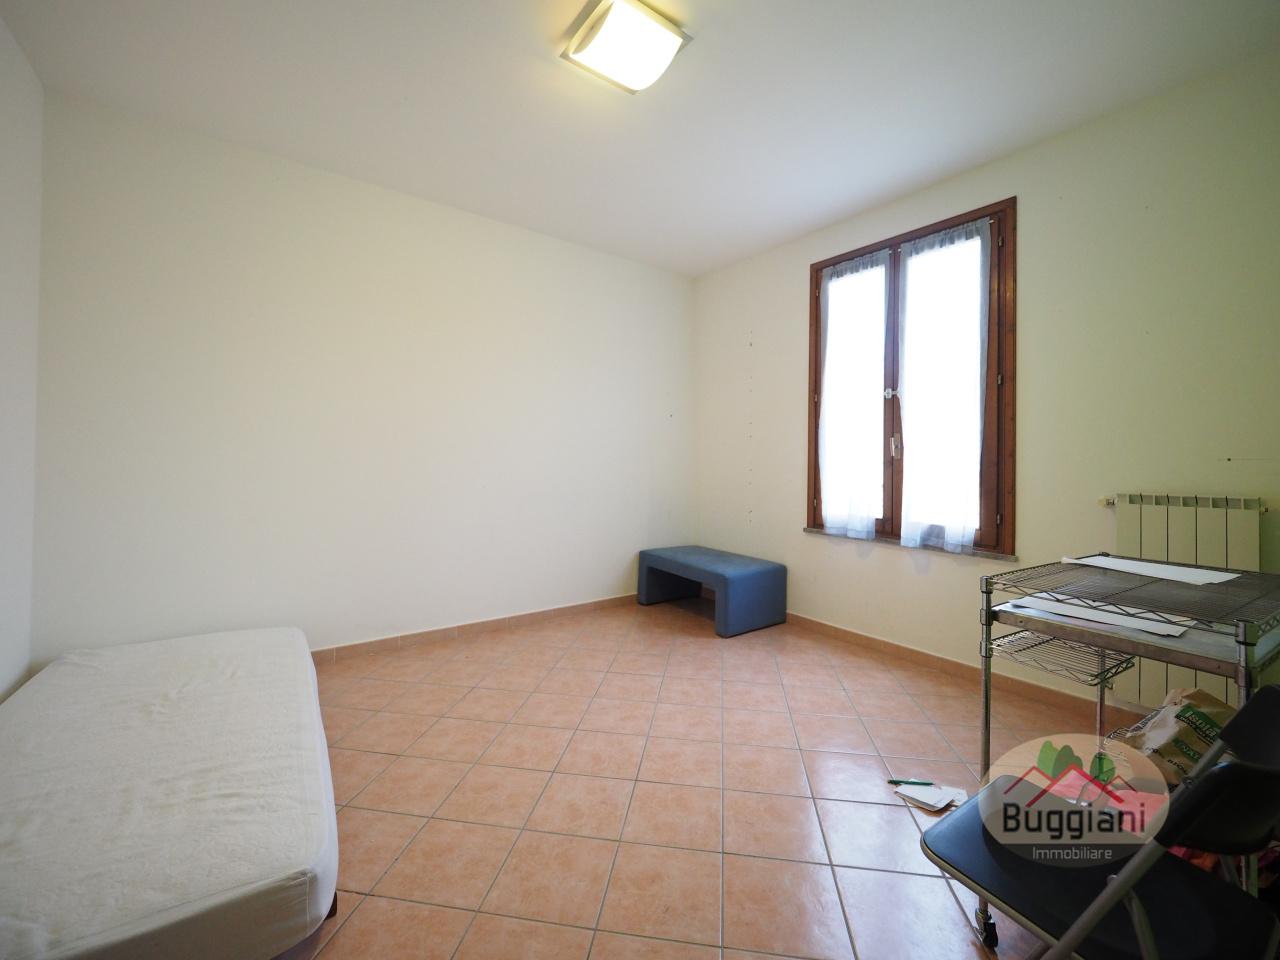 Appartamento in vendita RIF. 1822, Empoli (FI)